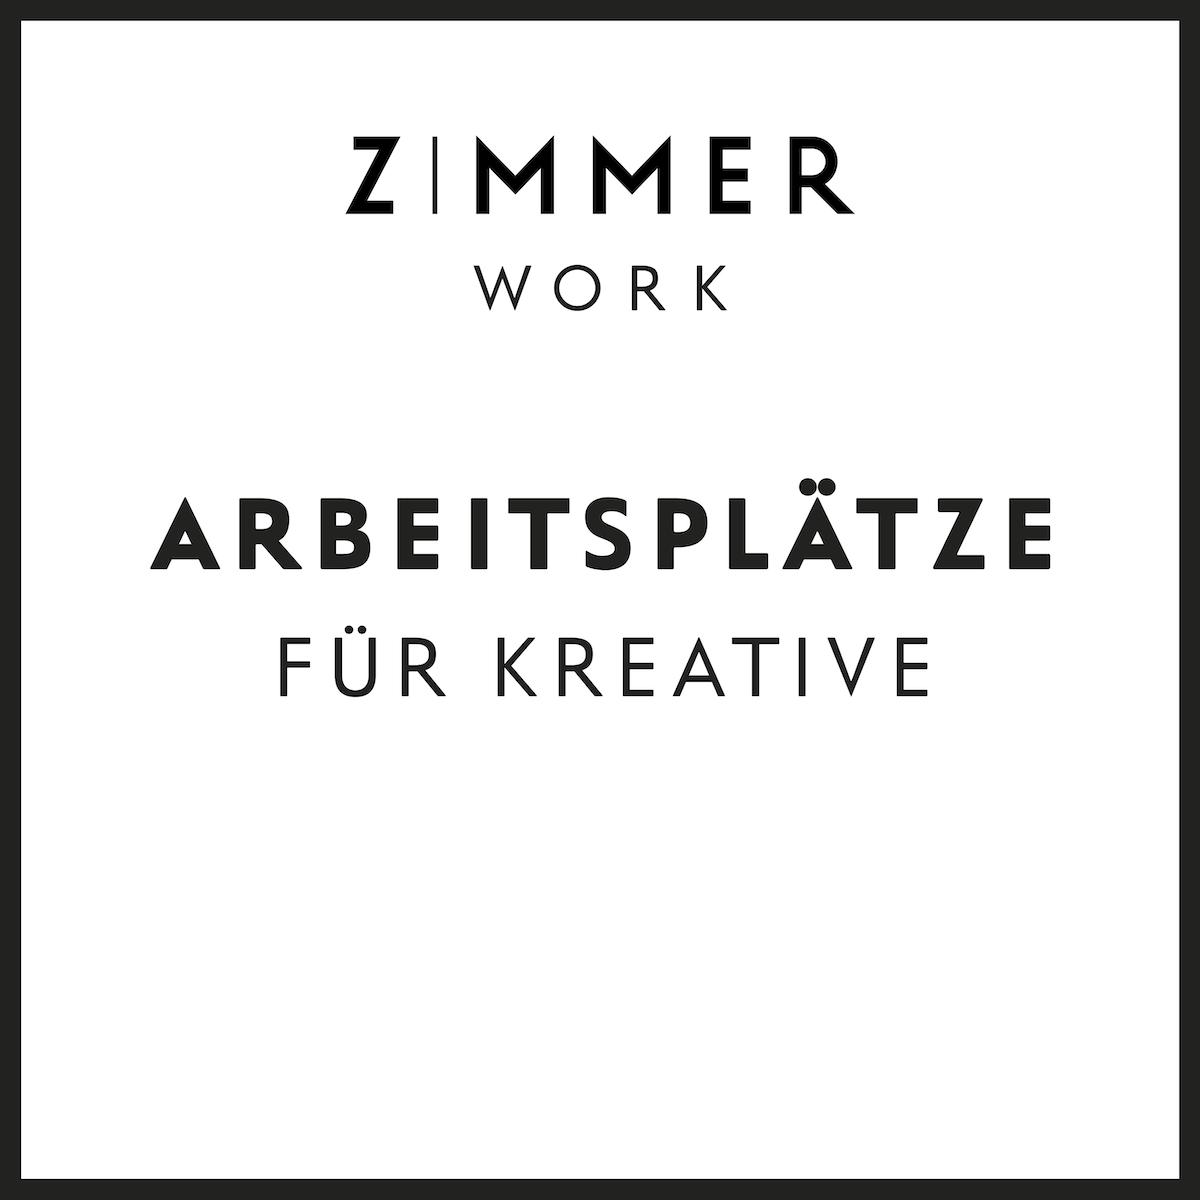 ZIMMER WORK